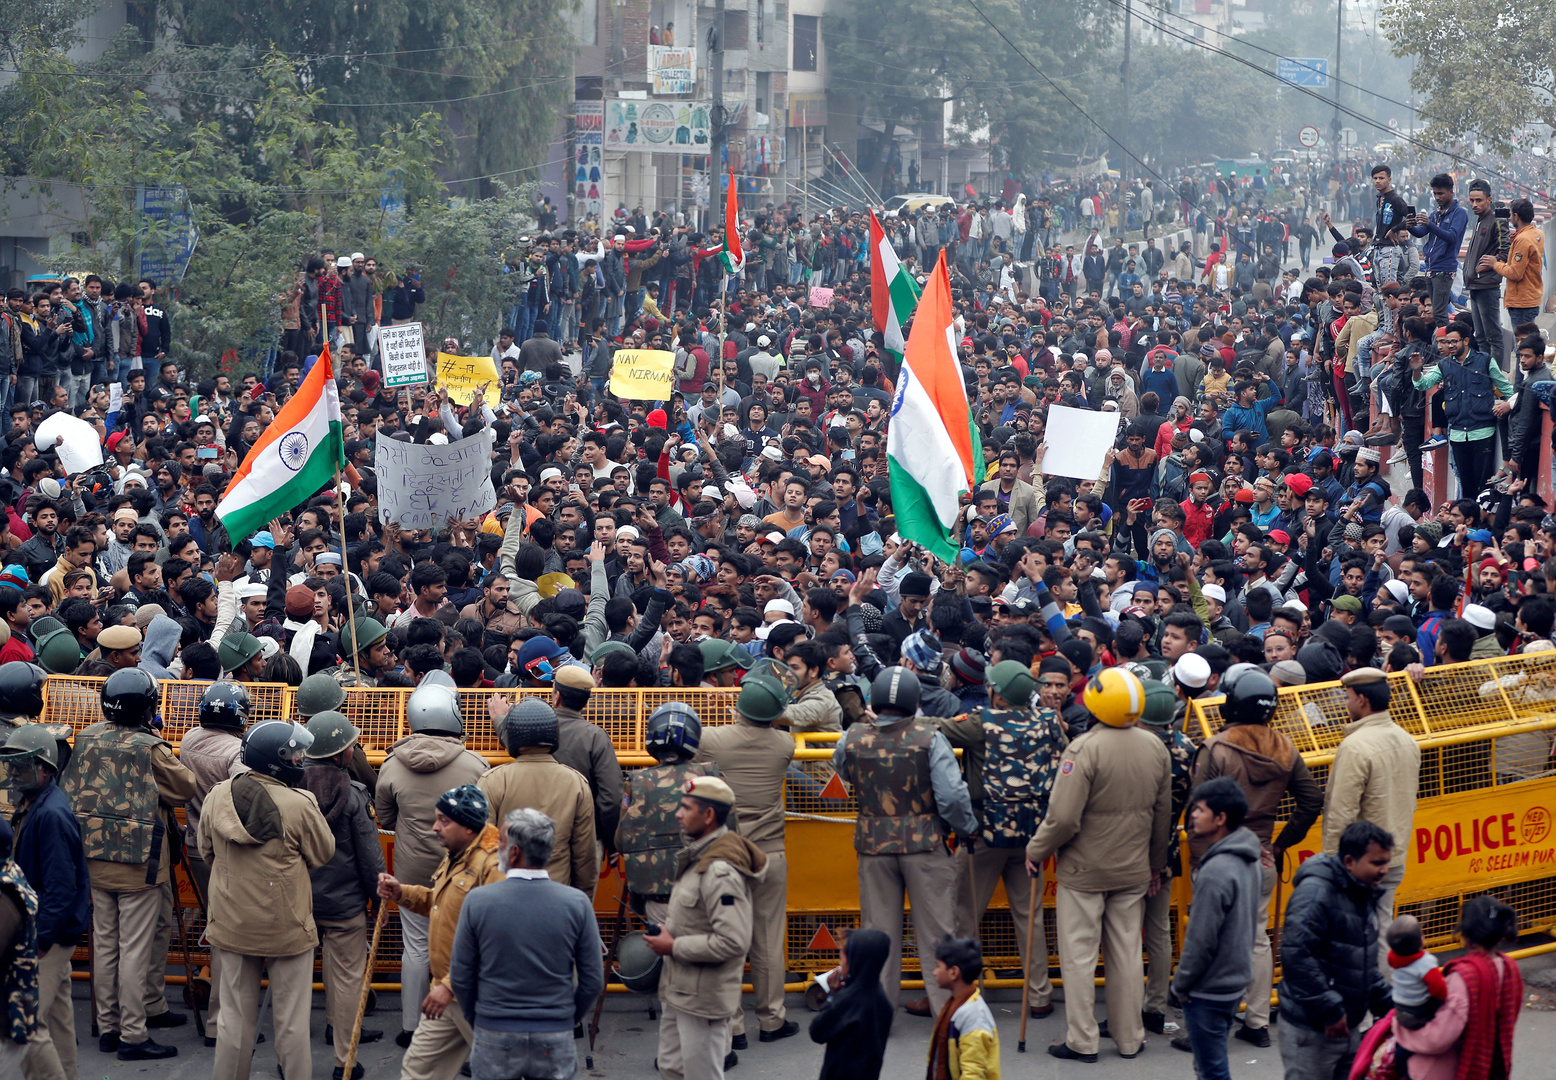 استمرار الاحتجاجات في الهند ضد قانون الجنسية